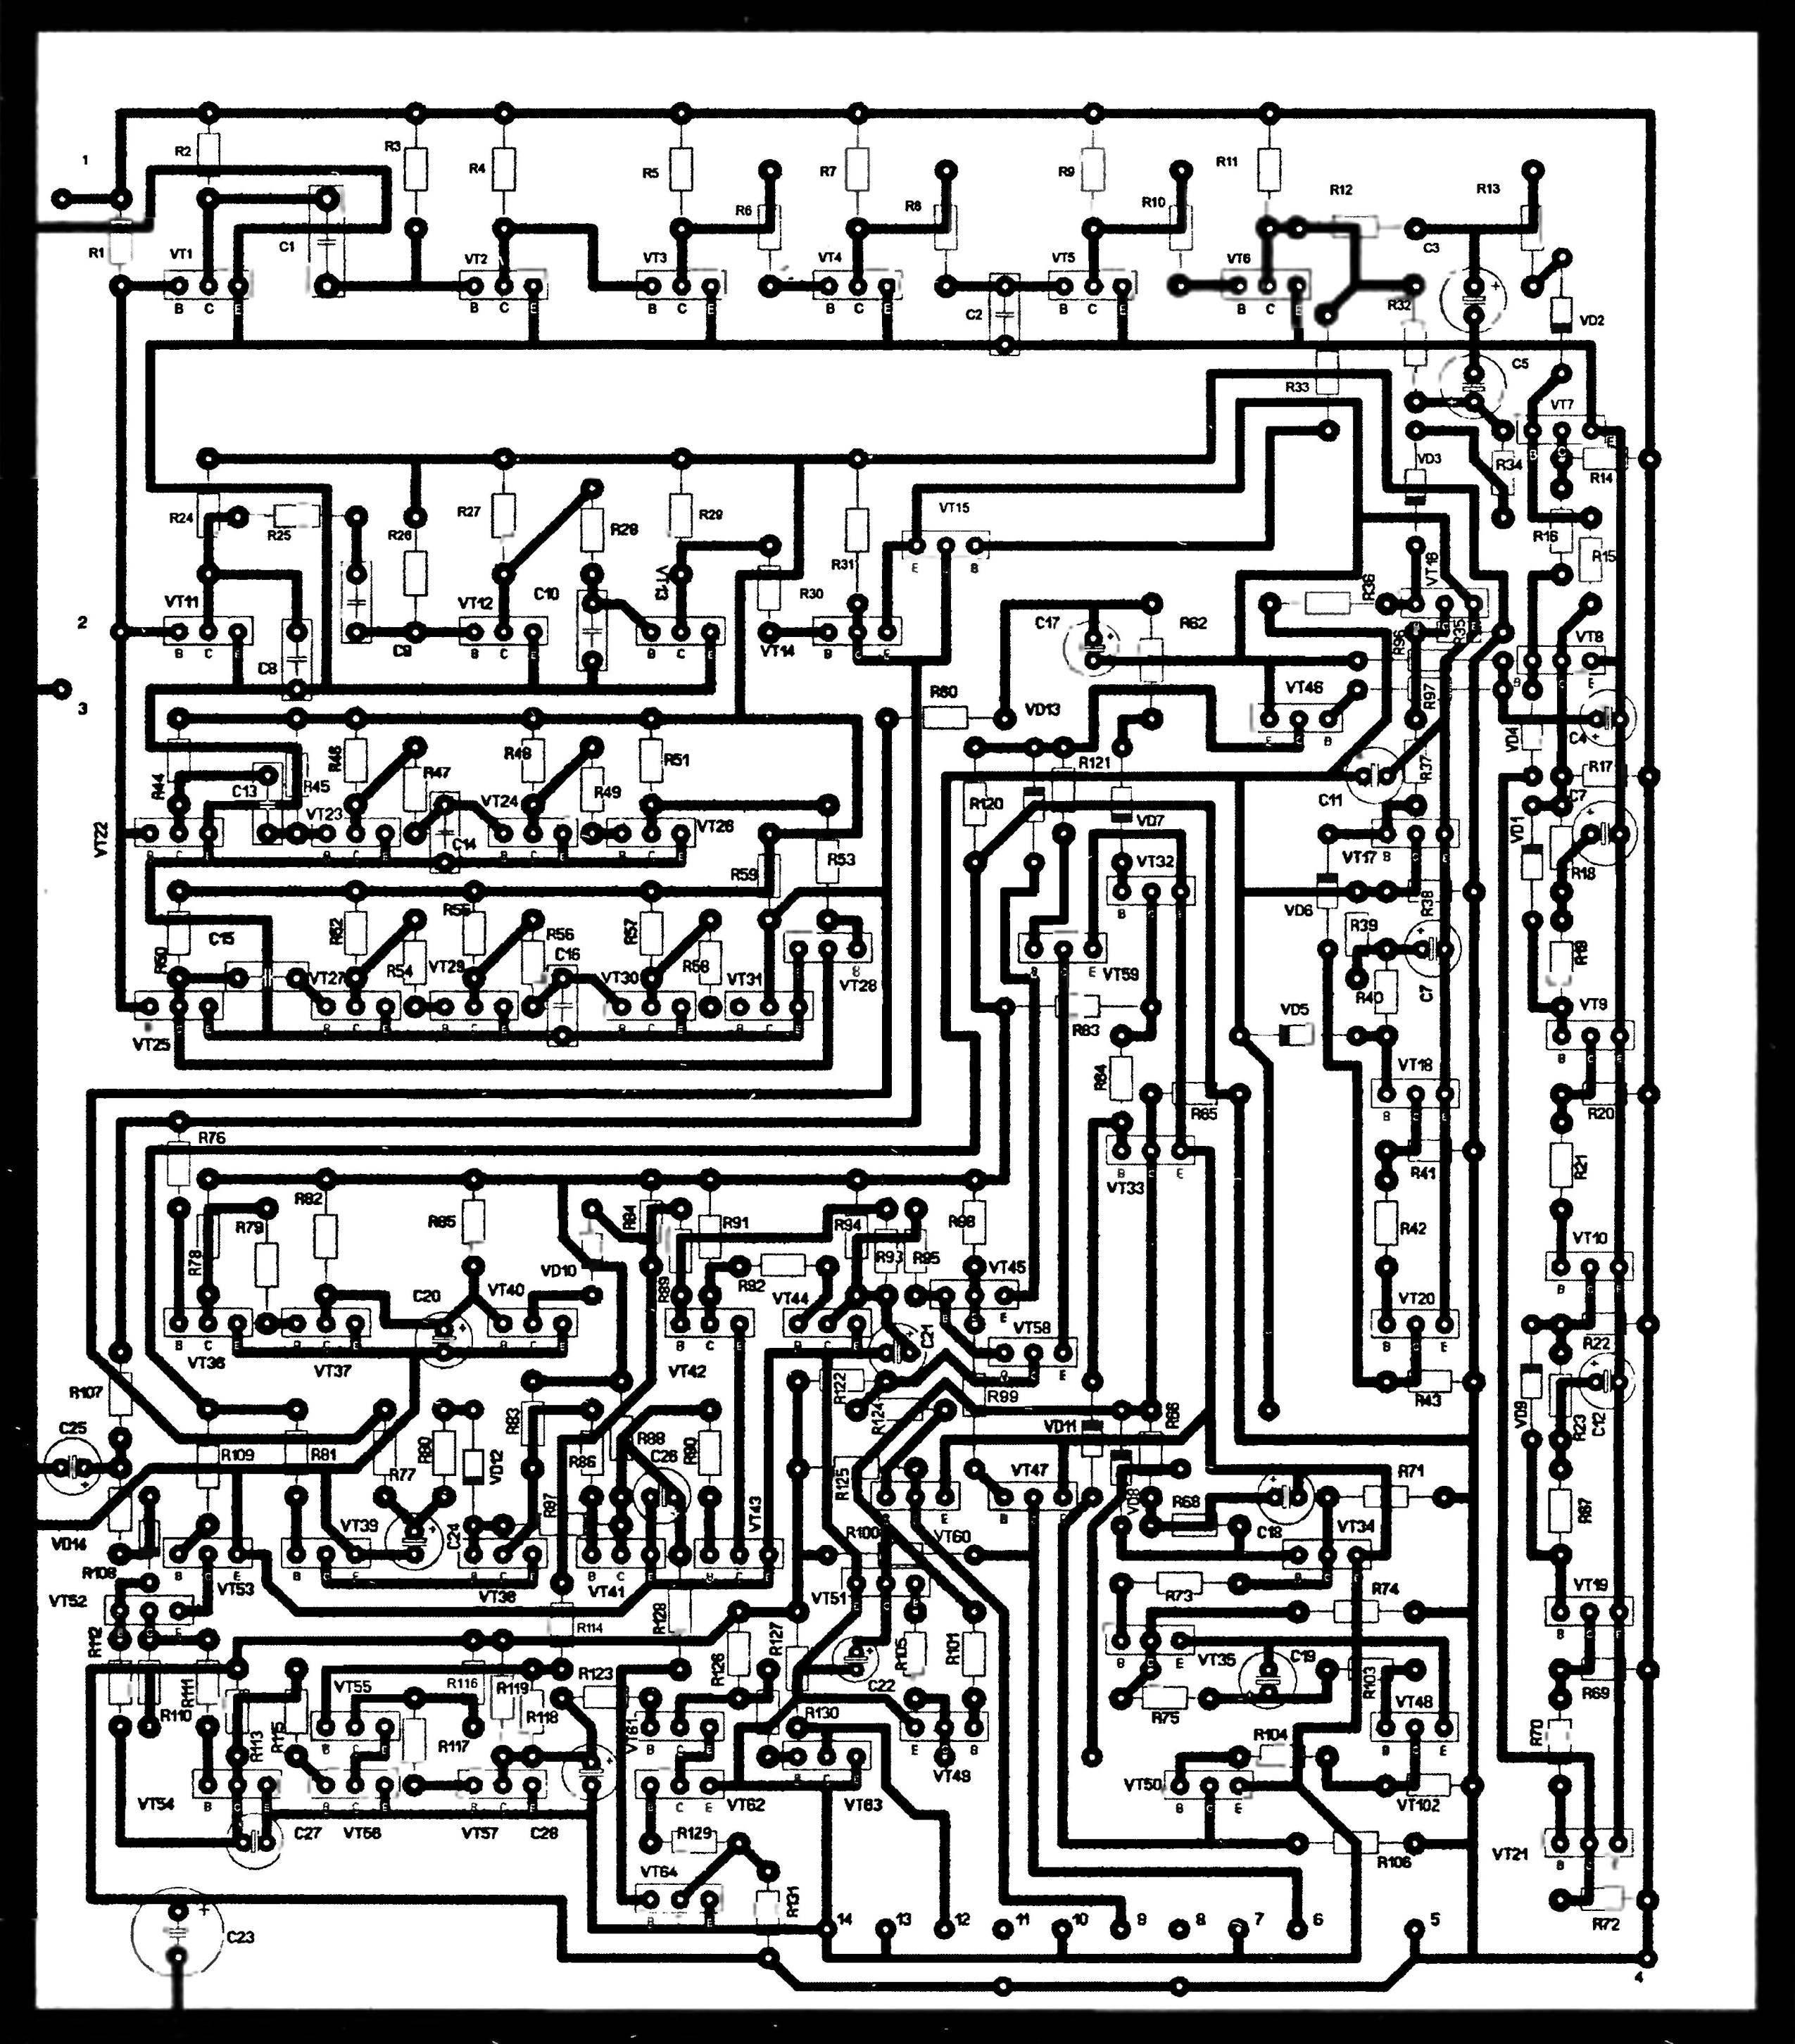 Рис. 2. Топология печатной платы пульта управления (обозначения базы, коллектора и эмиттера транзисторов — латинскими буквами В, С и Е соответственно)